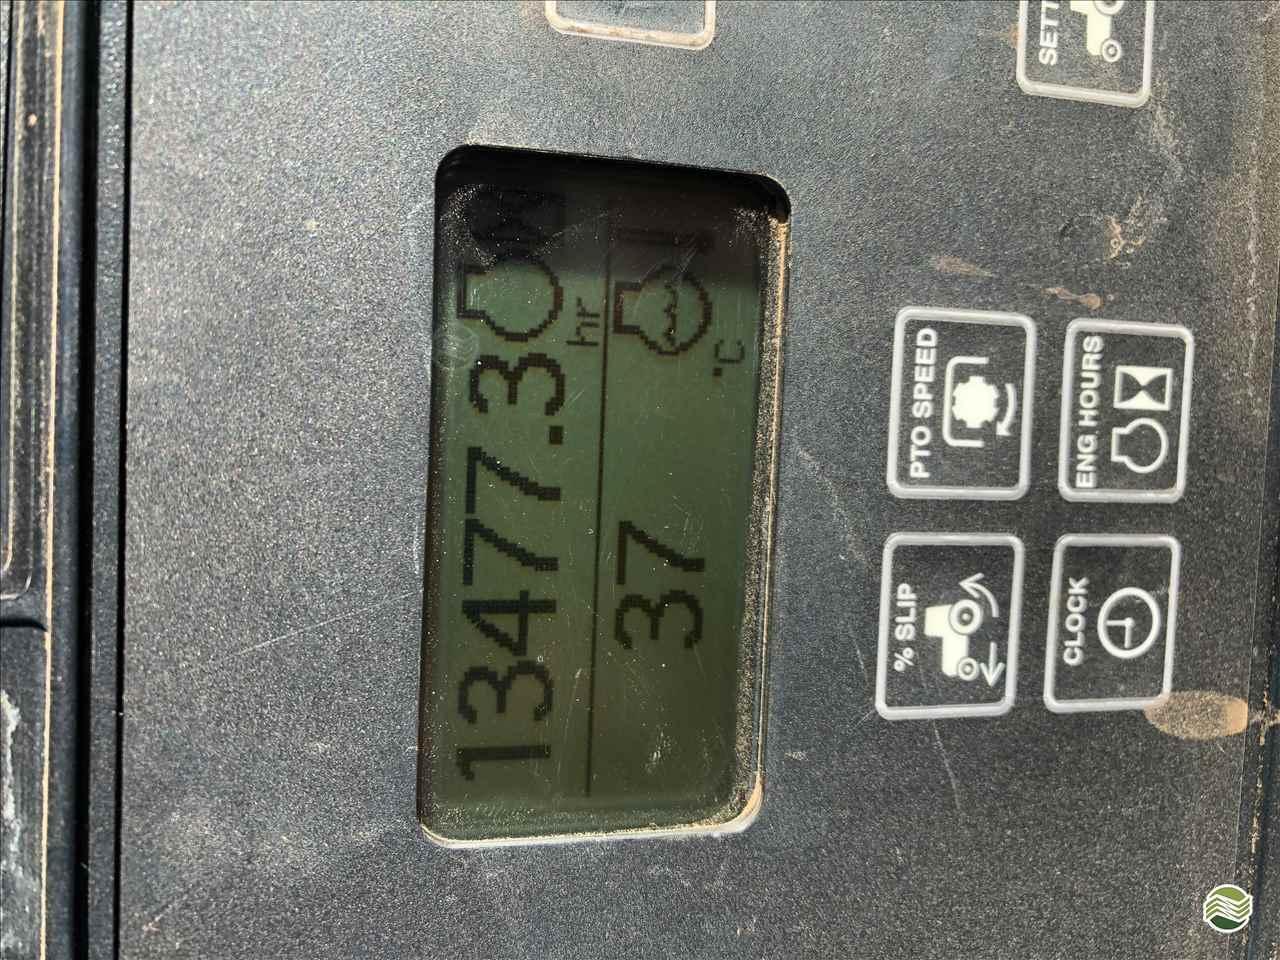 TRATOR JOHN DEERE JOHN DEERE 8430 Tração 4x4 GPS Máquinas CAMPO VERDE MATO GROSSO MT